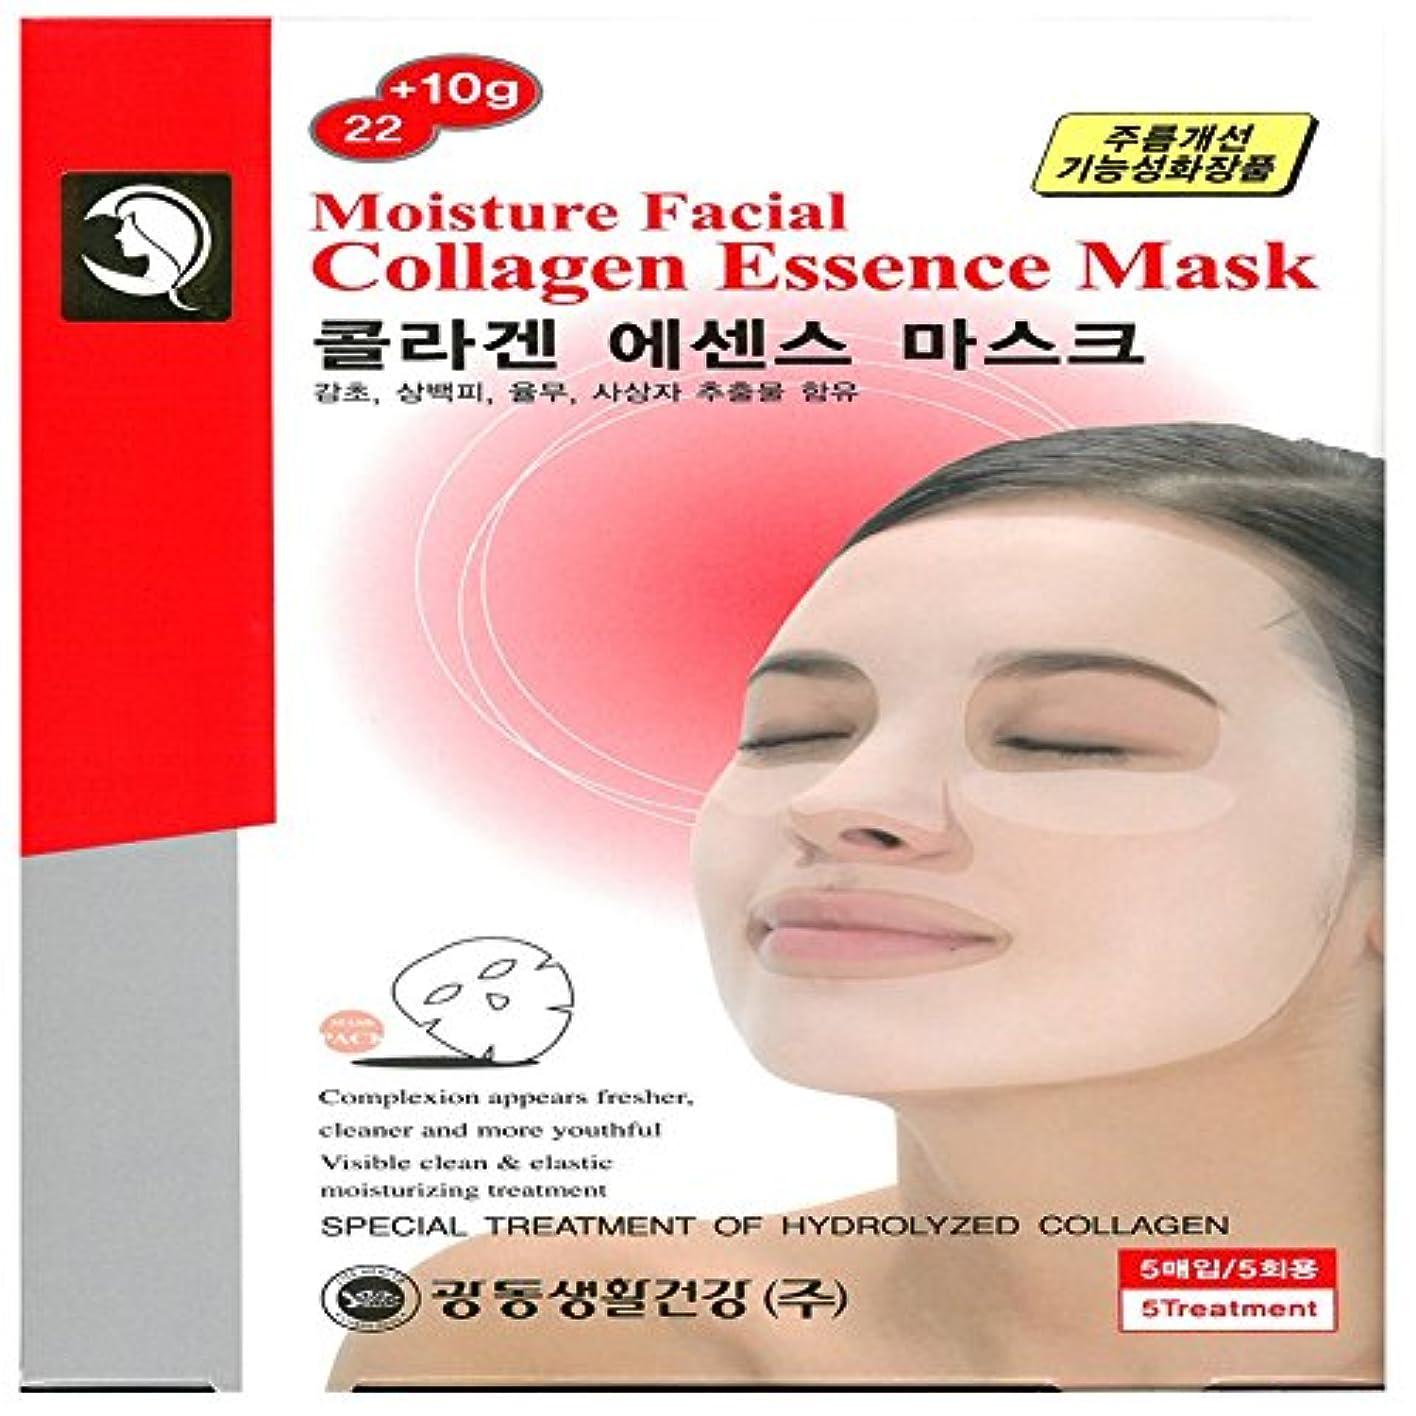 場所方法論怒って[光東] kwangdong モイスチャーフェイシャルコラーゲンエッセンスマスク Moisture Facial Collagen Essence Mask 32gX5ea (海外直送品) [並行輸入品]